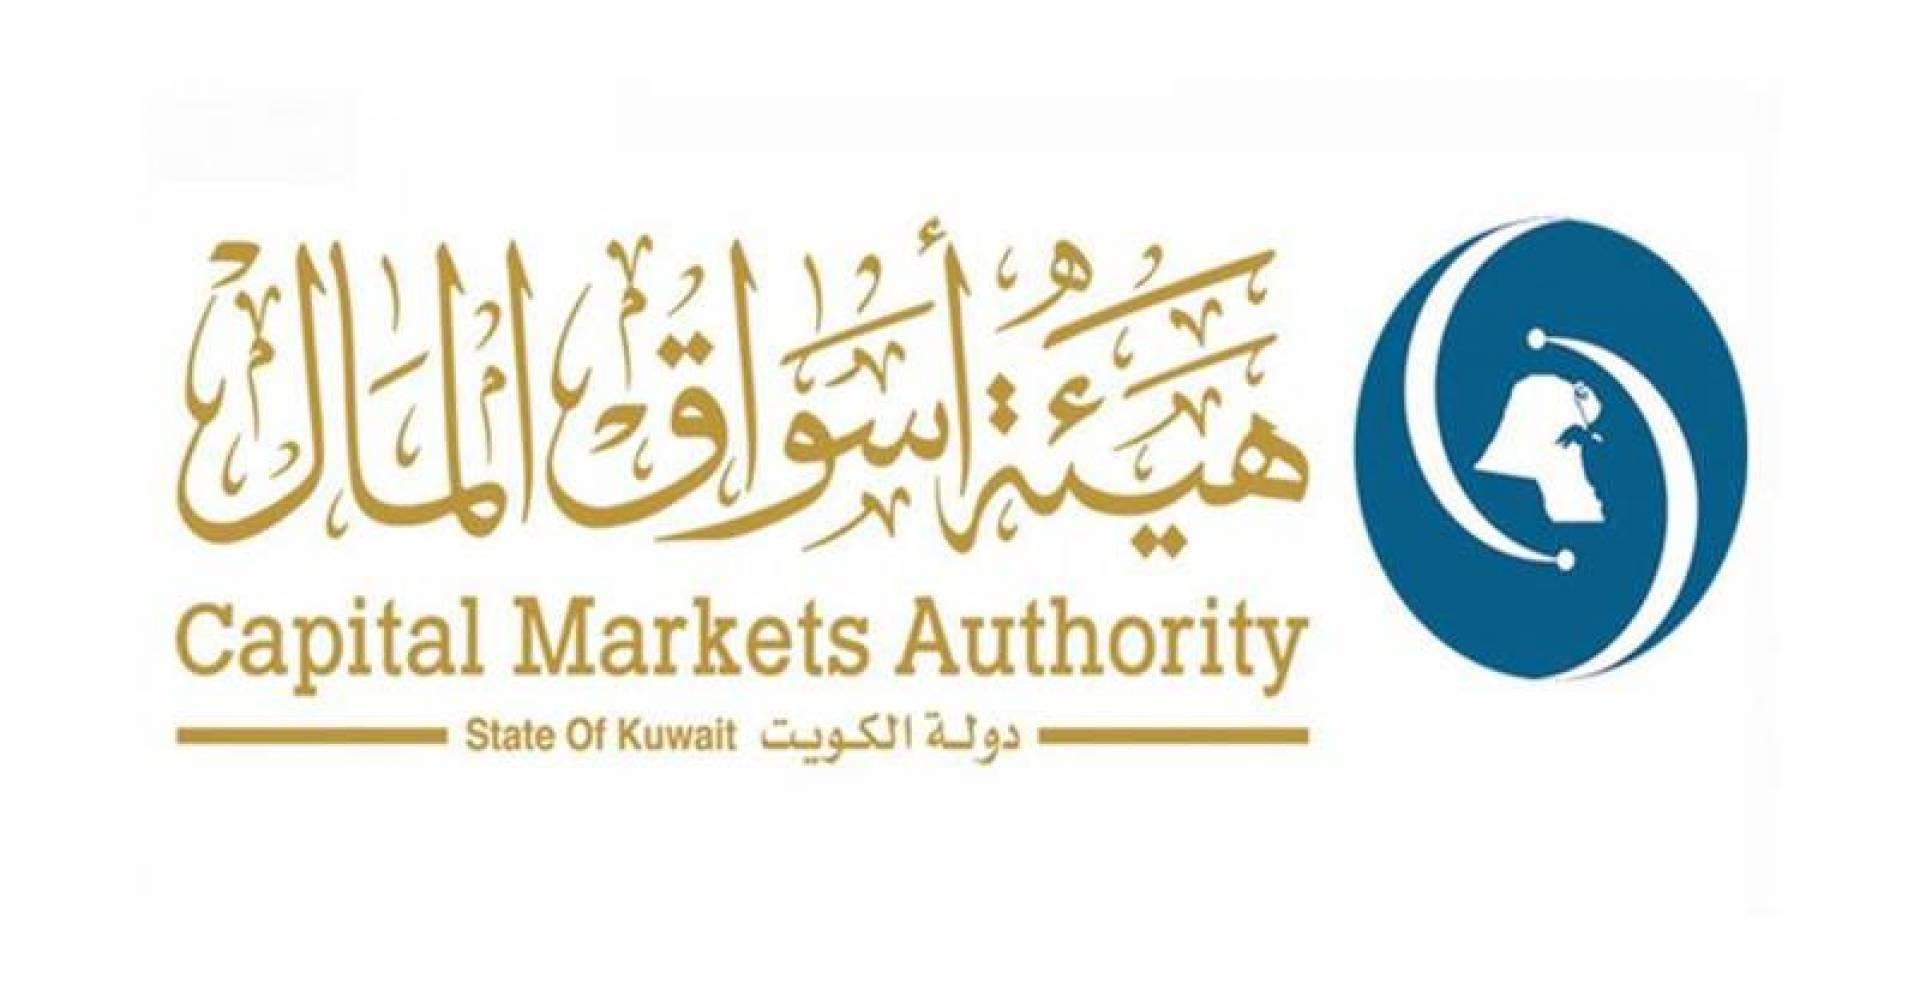 «هيئة الأسواق»: لا تنجروا نحو التمويل الرقمي